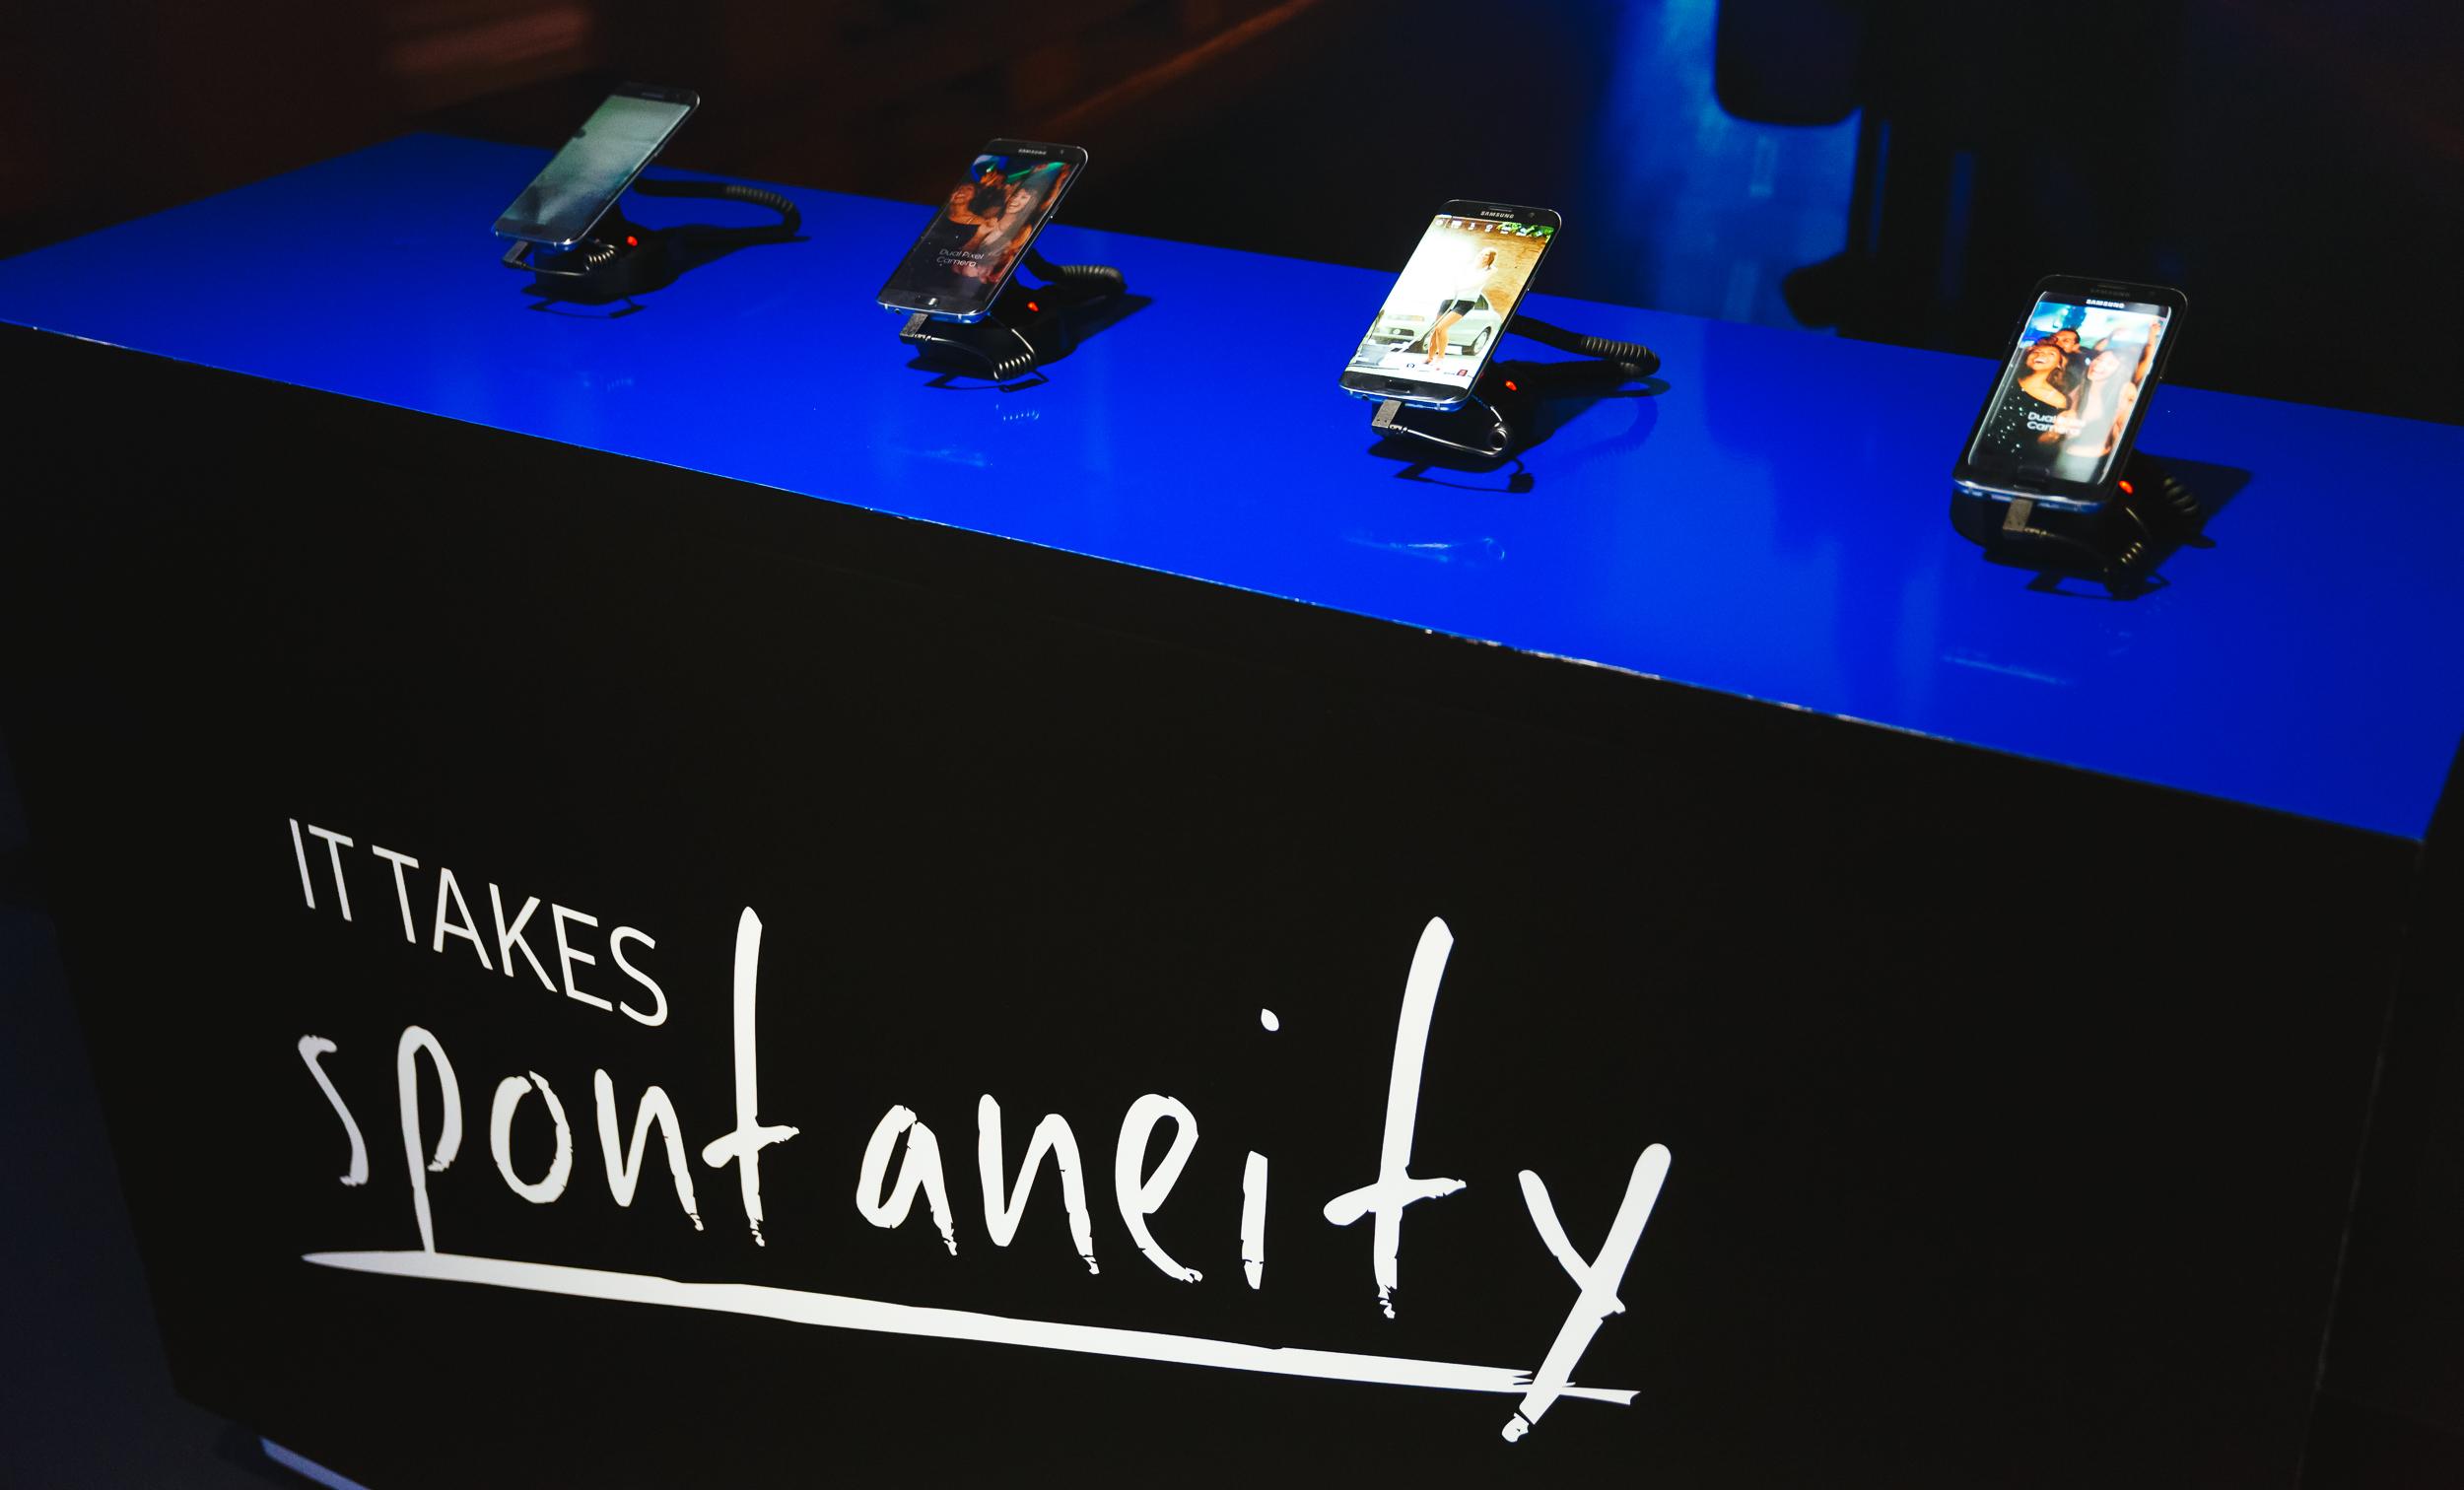 Samsung-Galaxy-Life-photo3.jpg